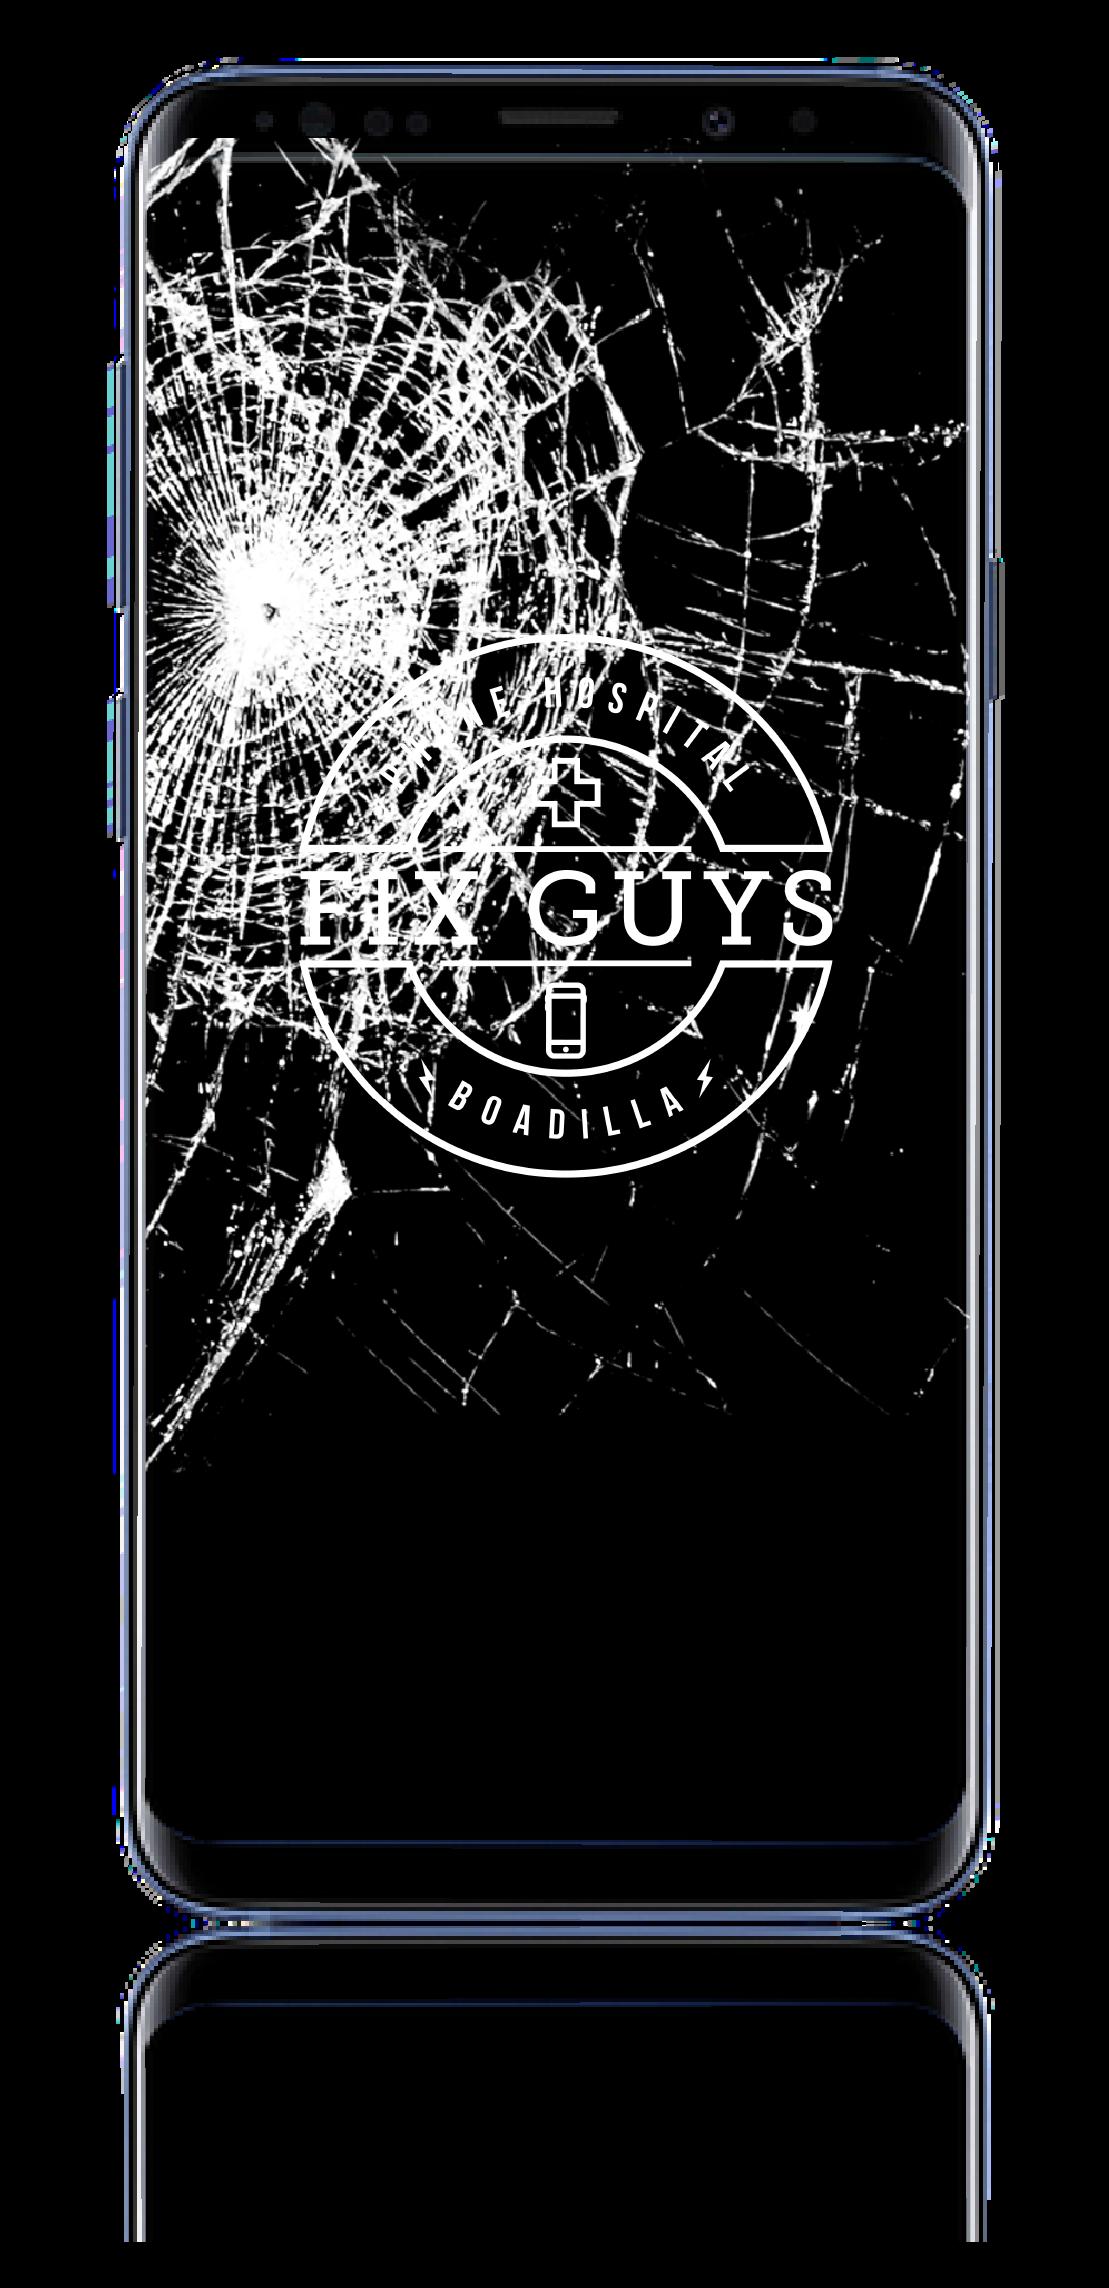 Reparacion de telefonos madrid